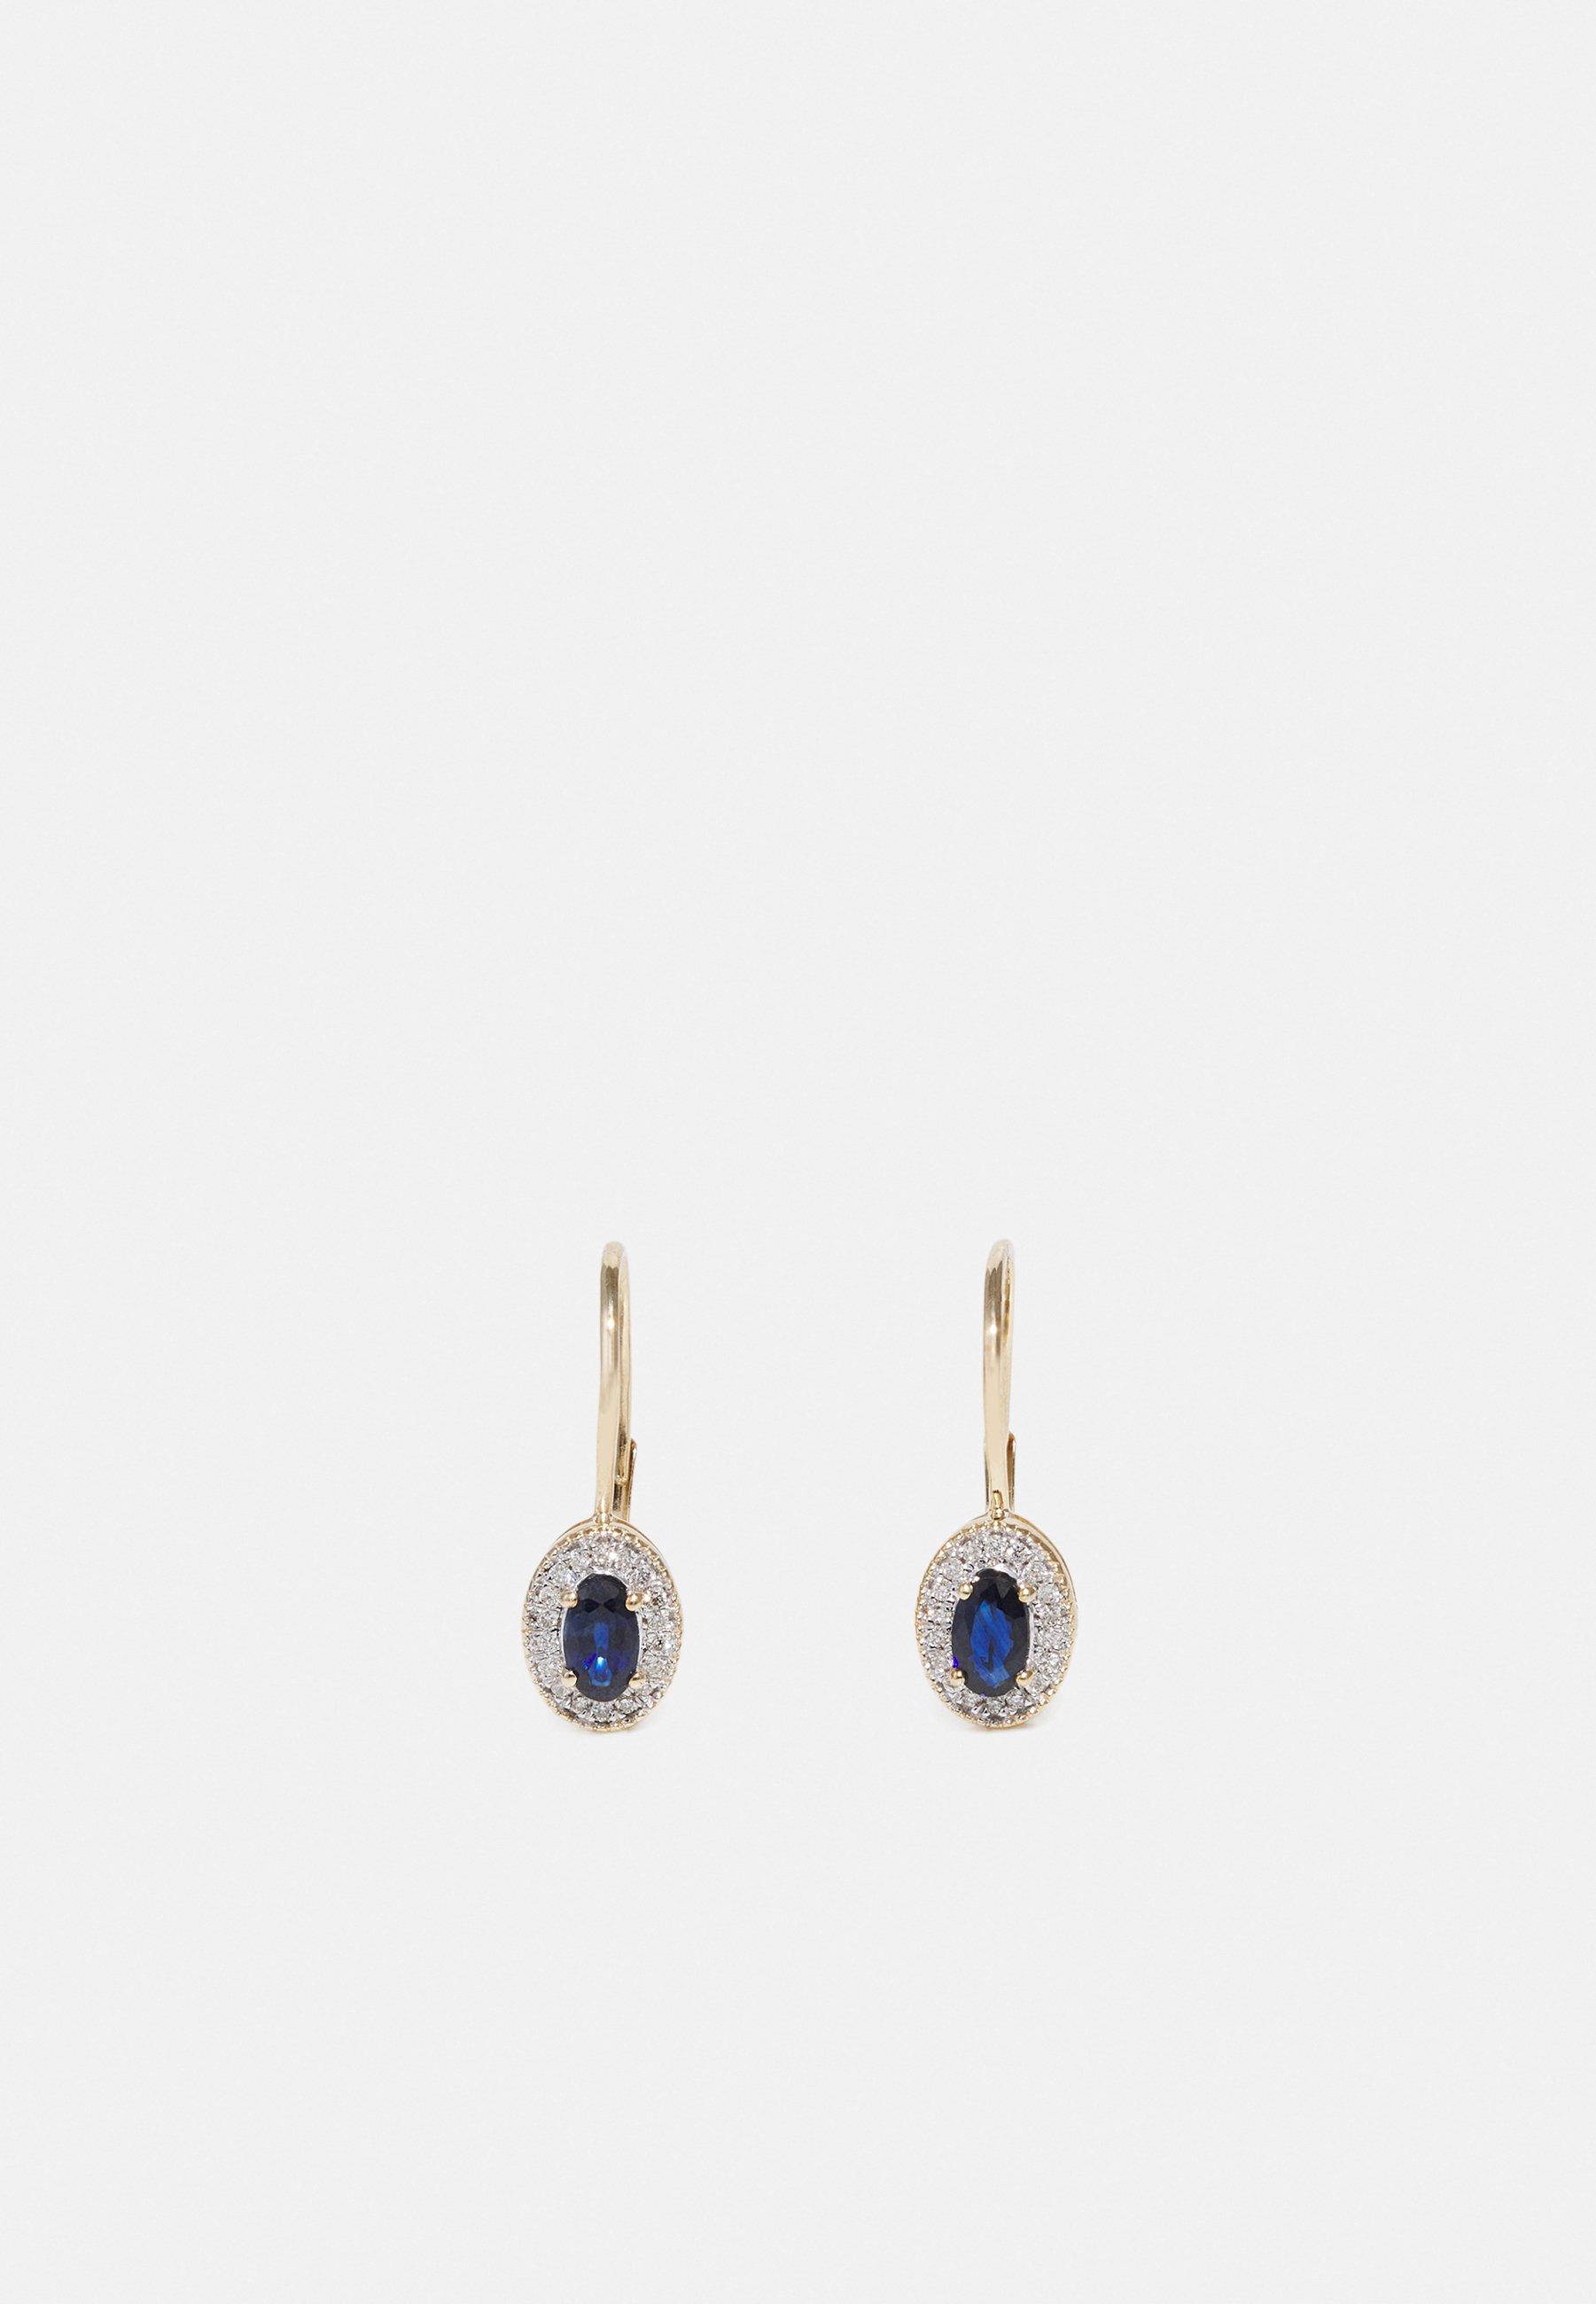 Damer NATURAL DIAMOND EARRINGS CARAT BLUE SAPPHIRE HALO HOOP DIAMOND EARRINGS KT DIAMOND JEWELLERY GIFTS FOR WOMENS - Øreringe